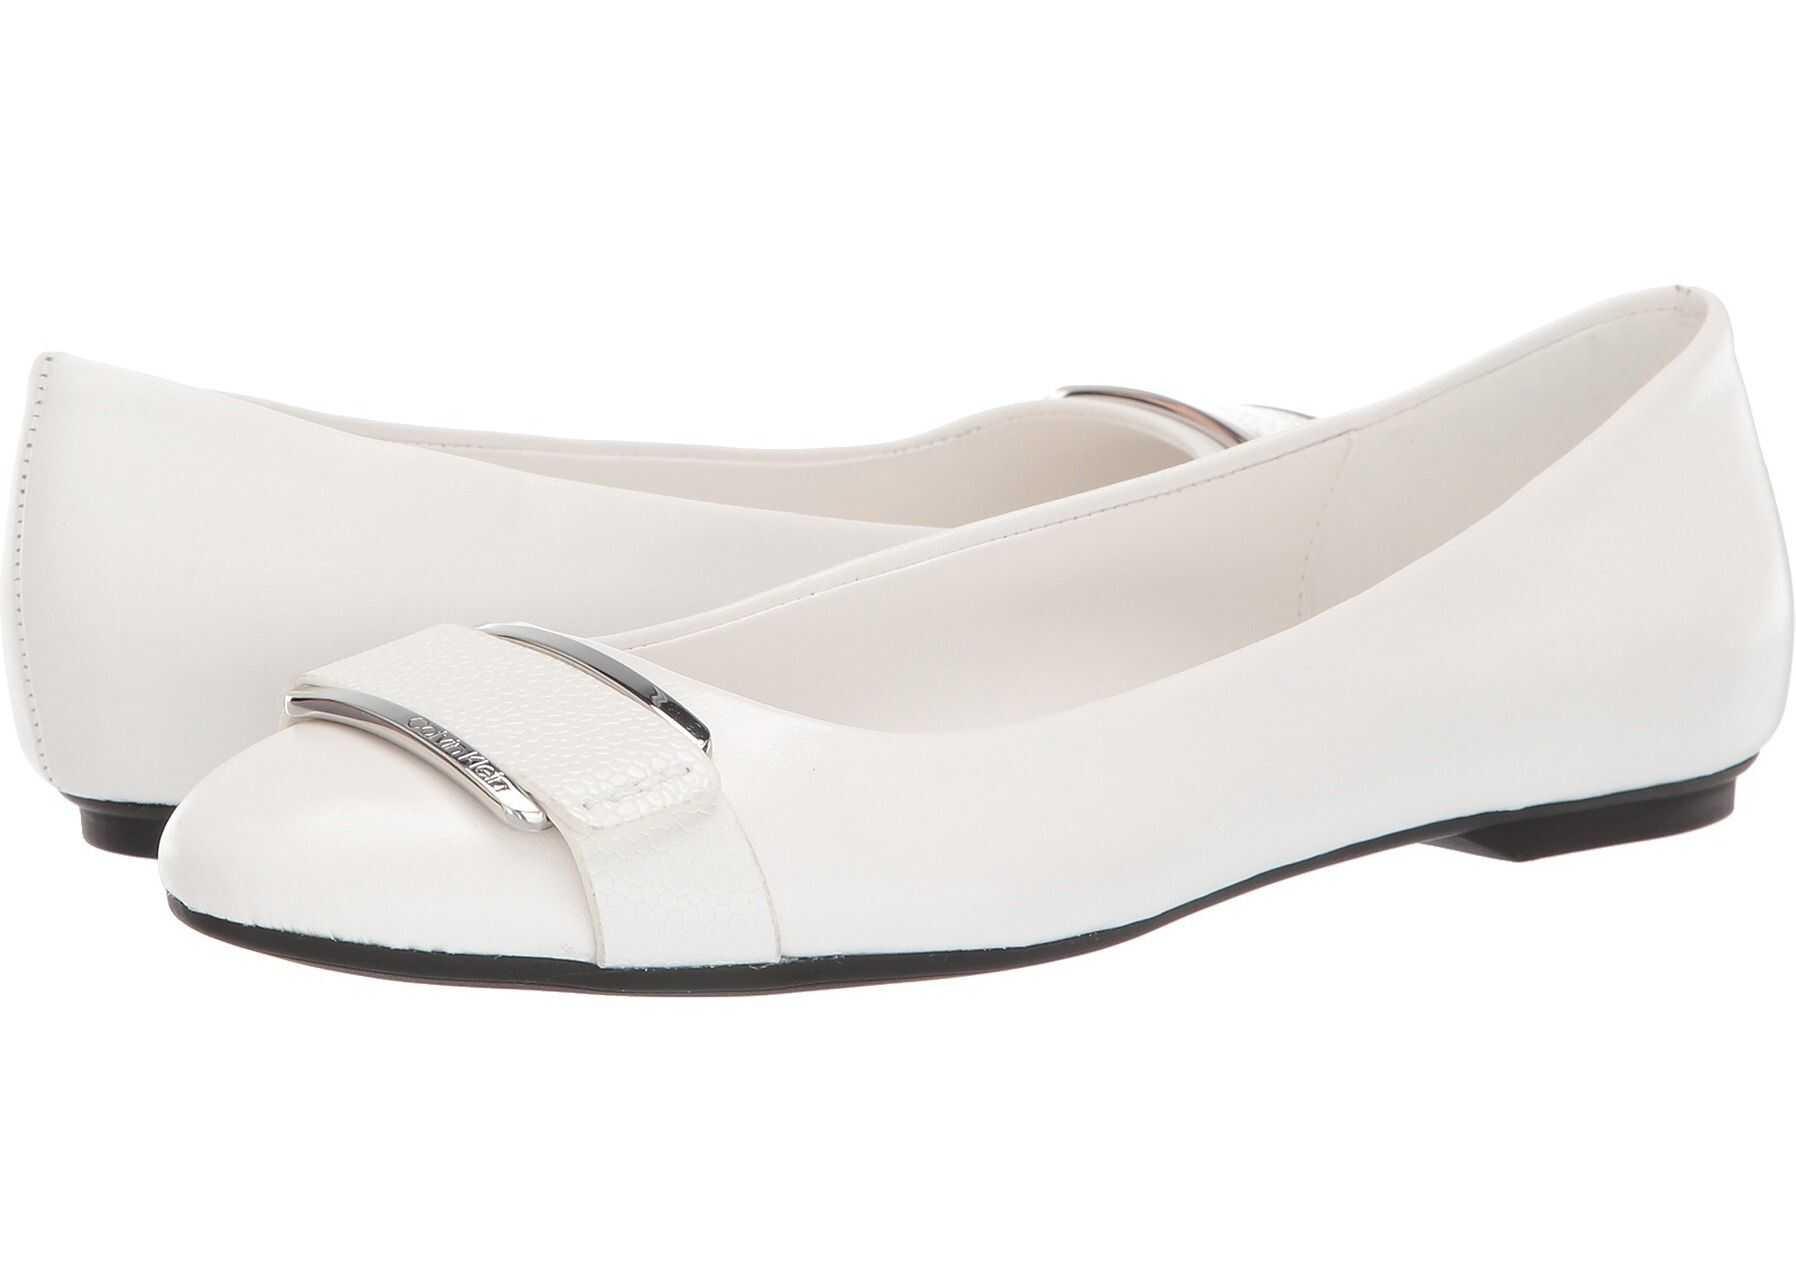 Calvin Klein Oneta White Nappa/Pebble Grain